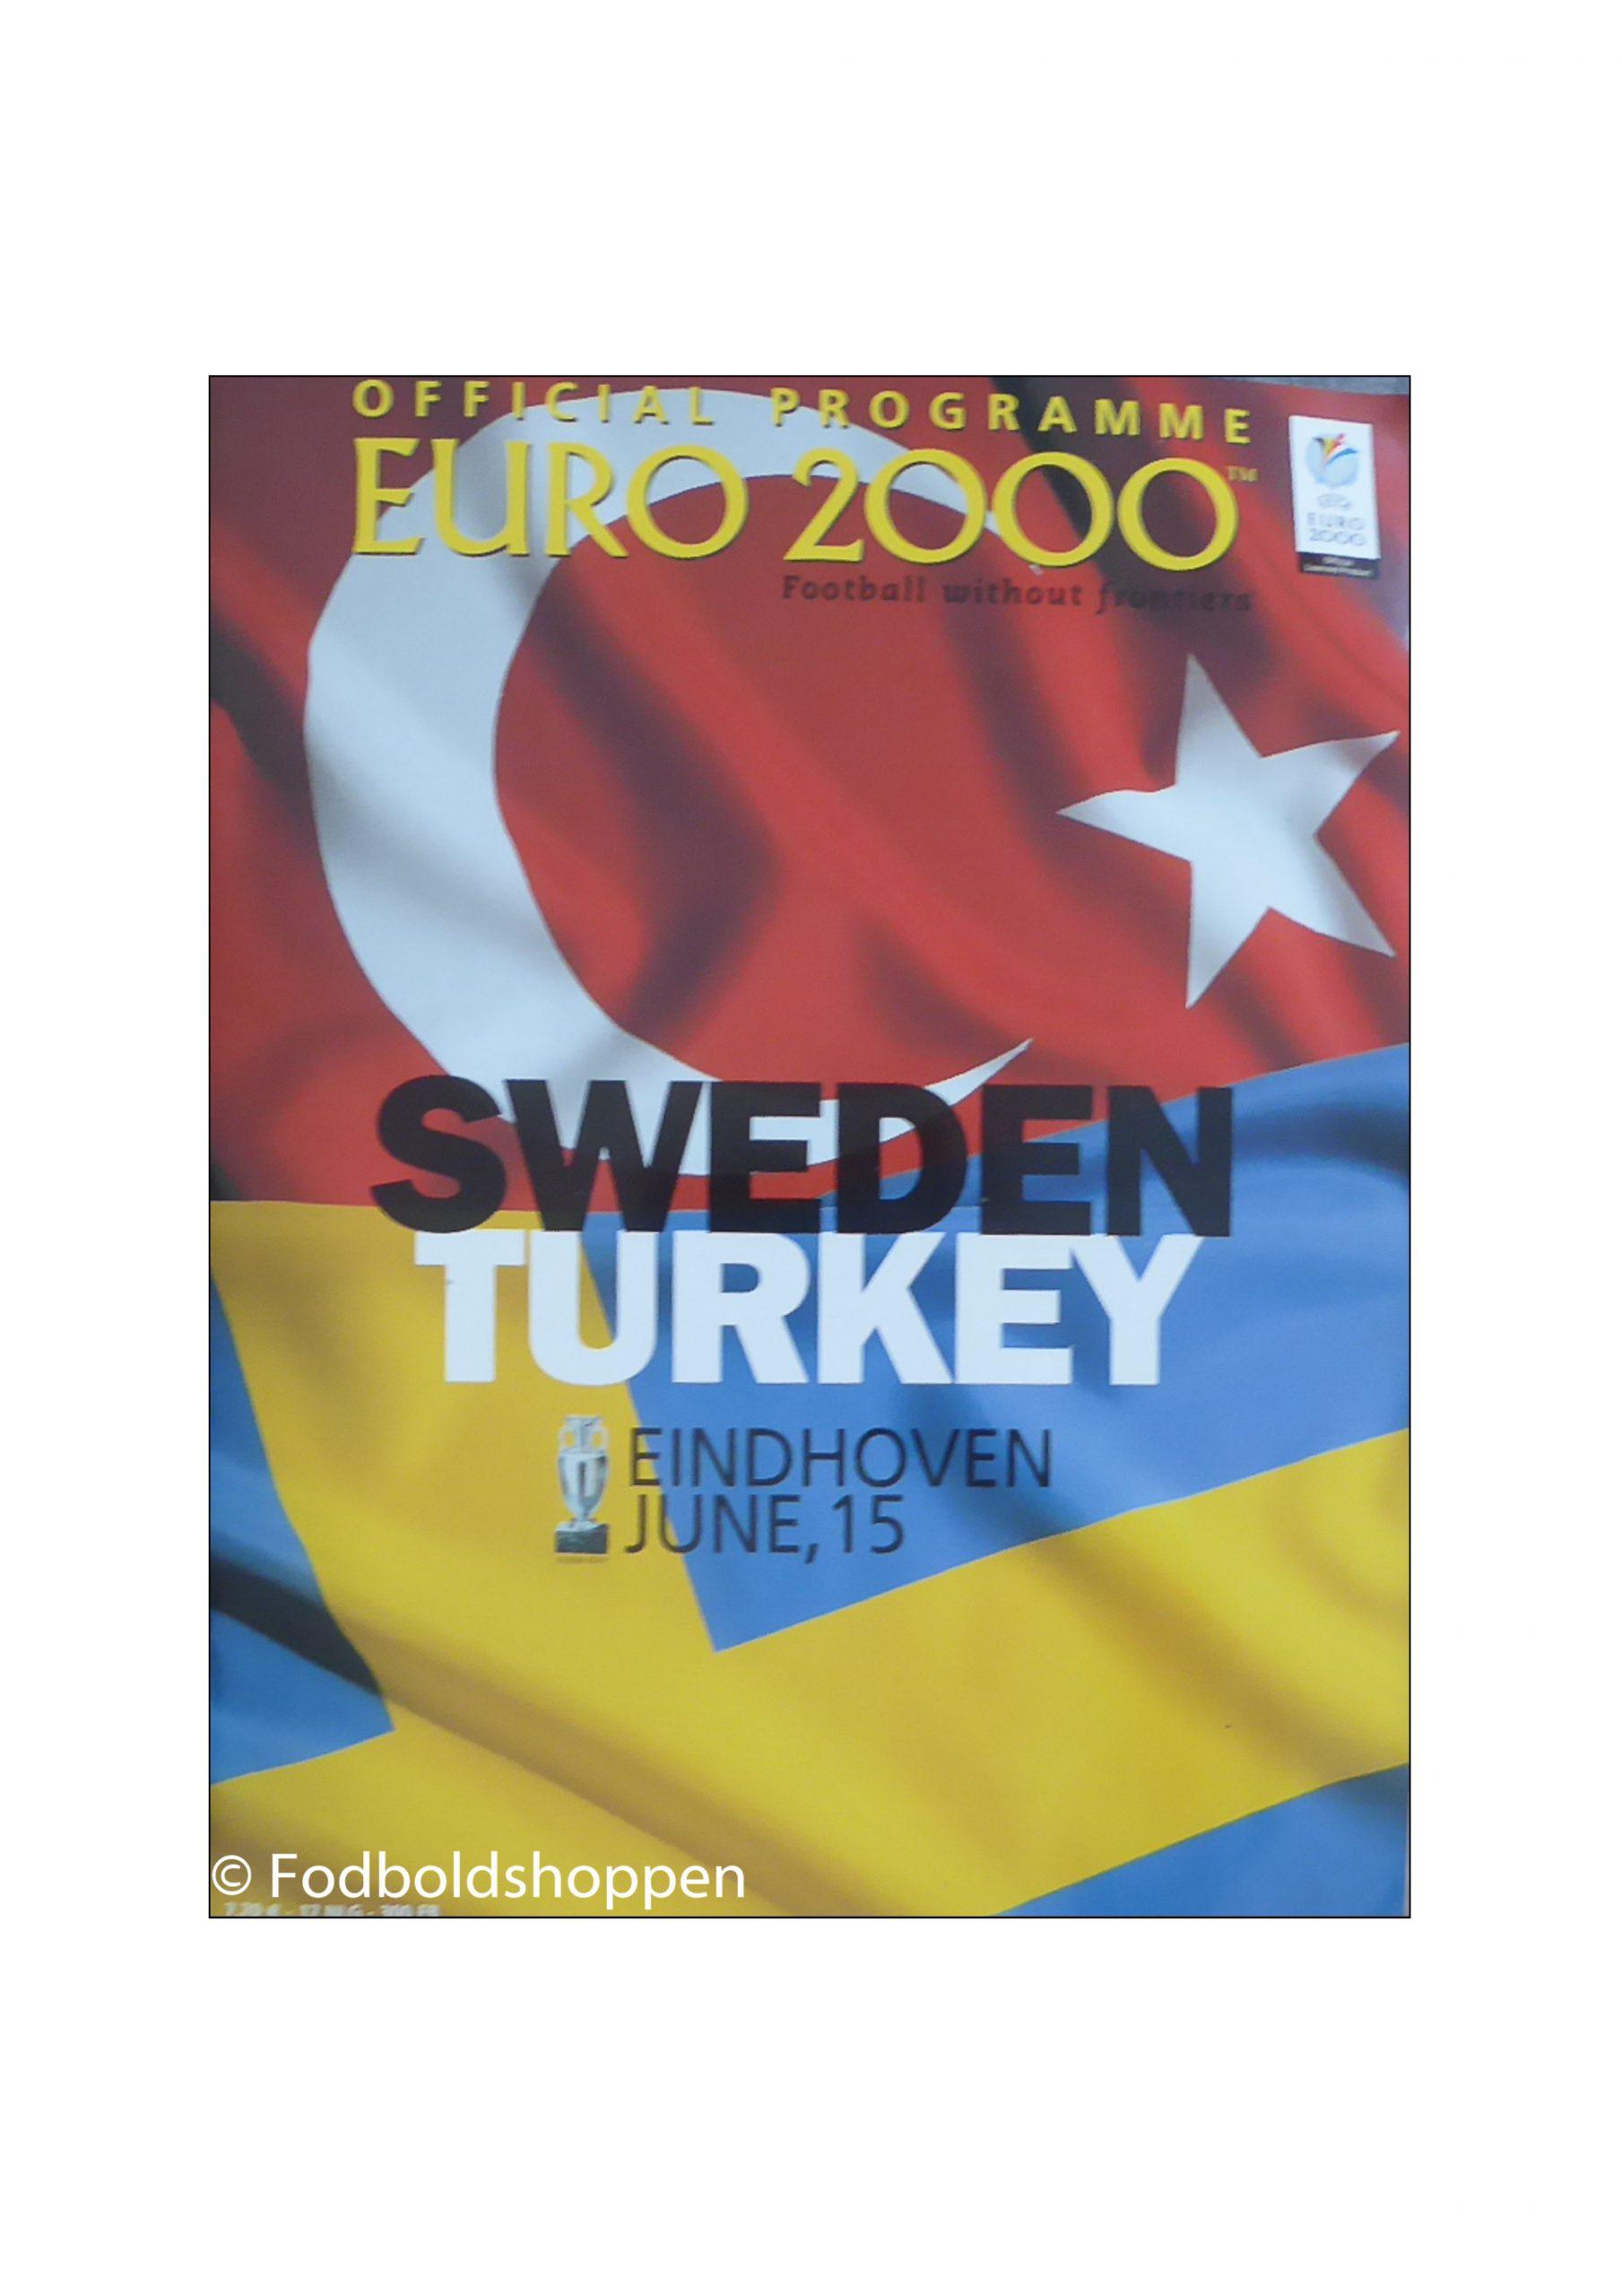 Officielt program EM 2000. 15 Juni 2000